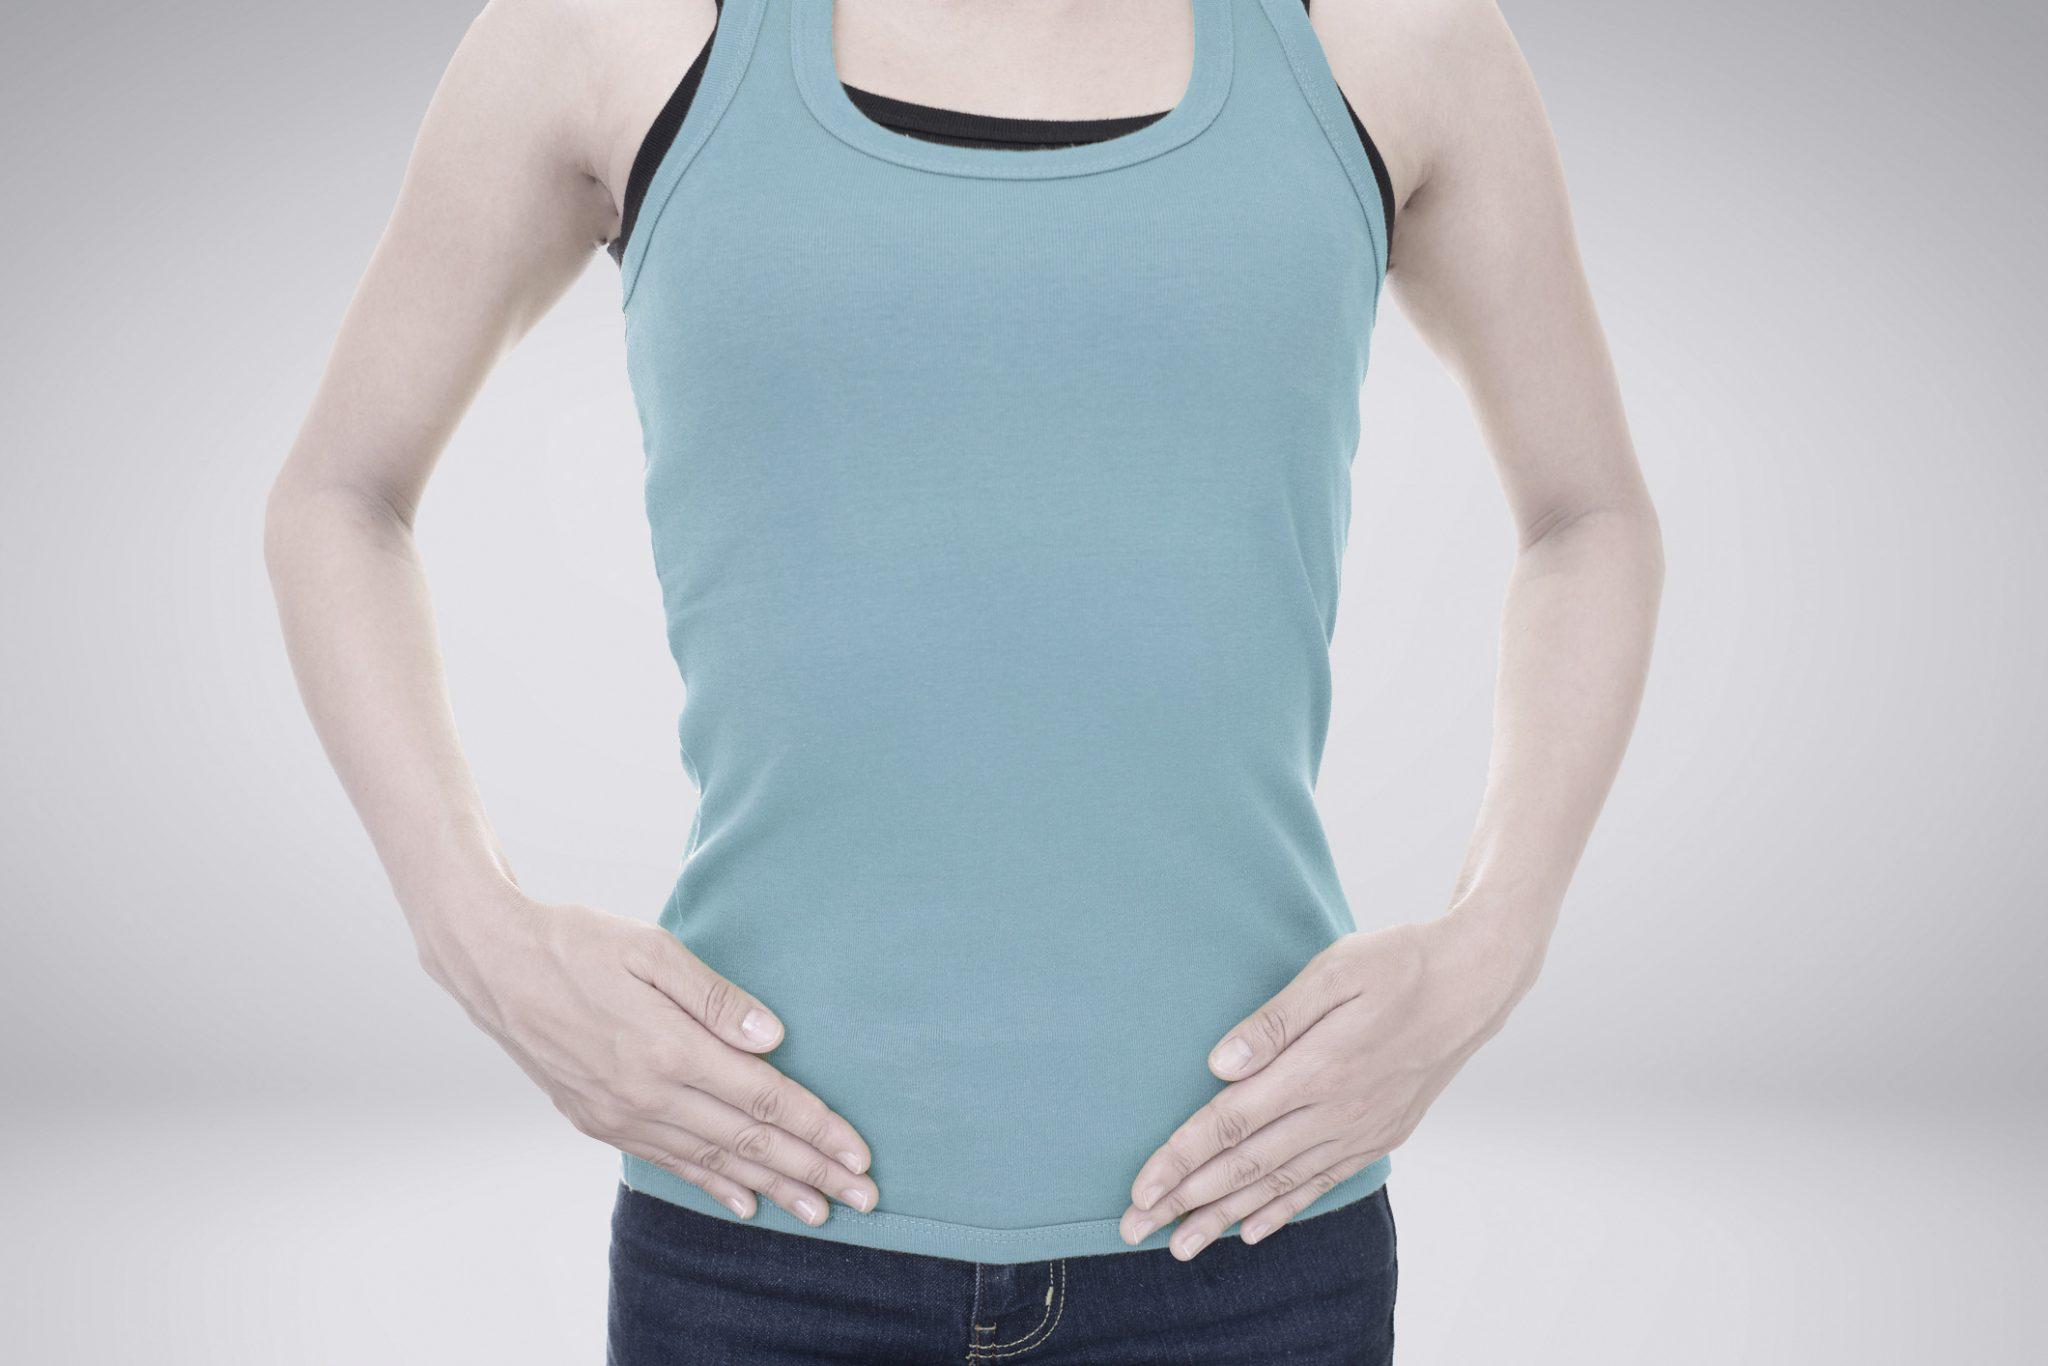 Fortalecer el suelo pélvico, el músculo que te sostiene